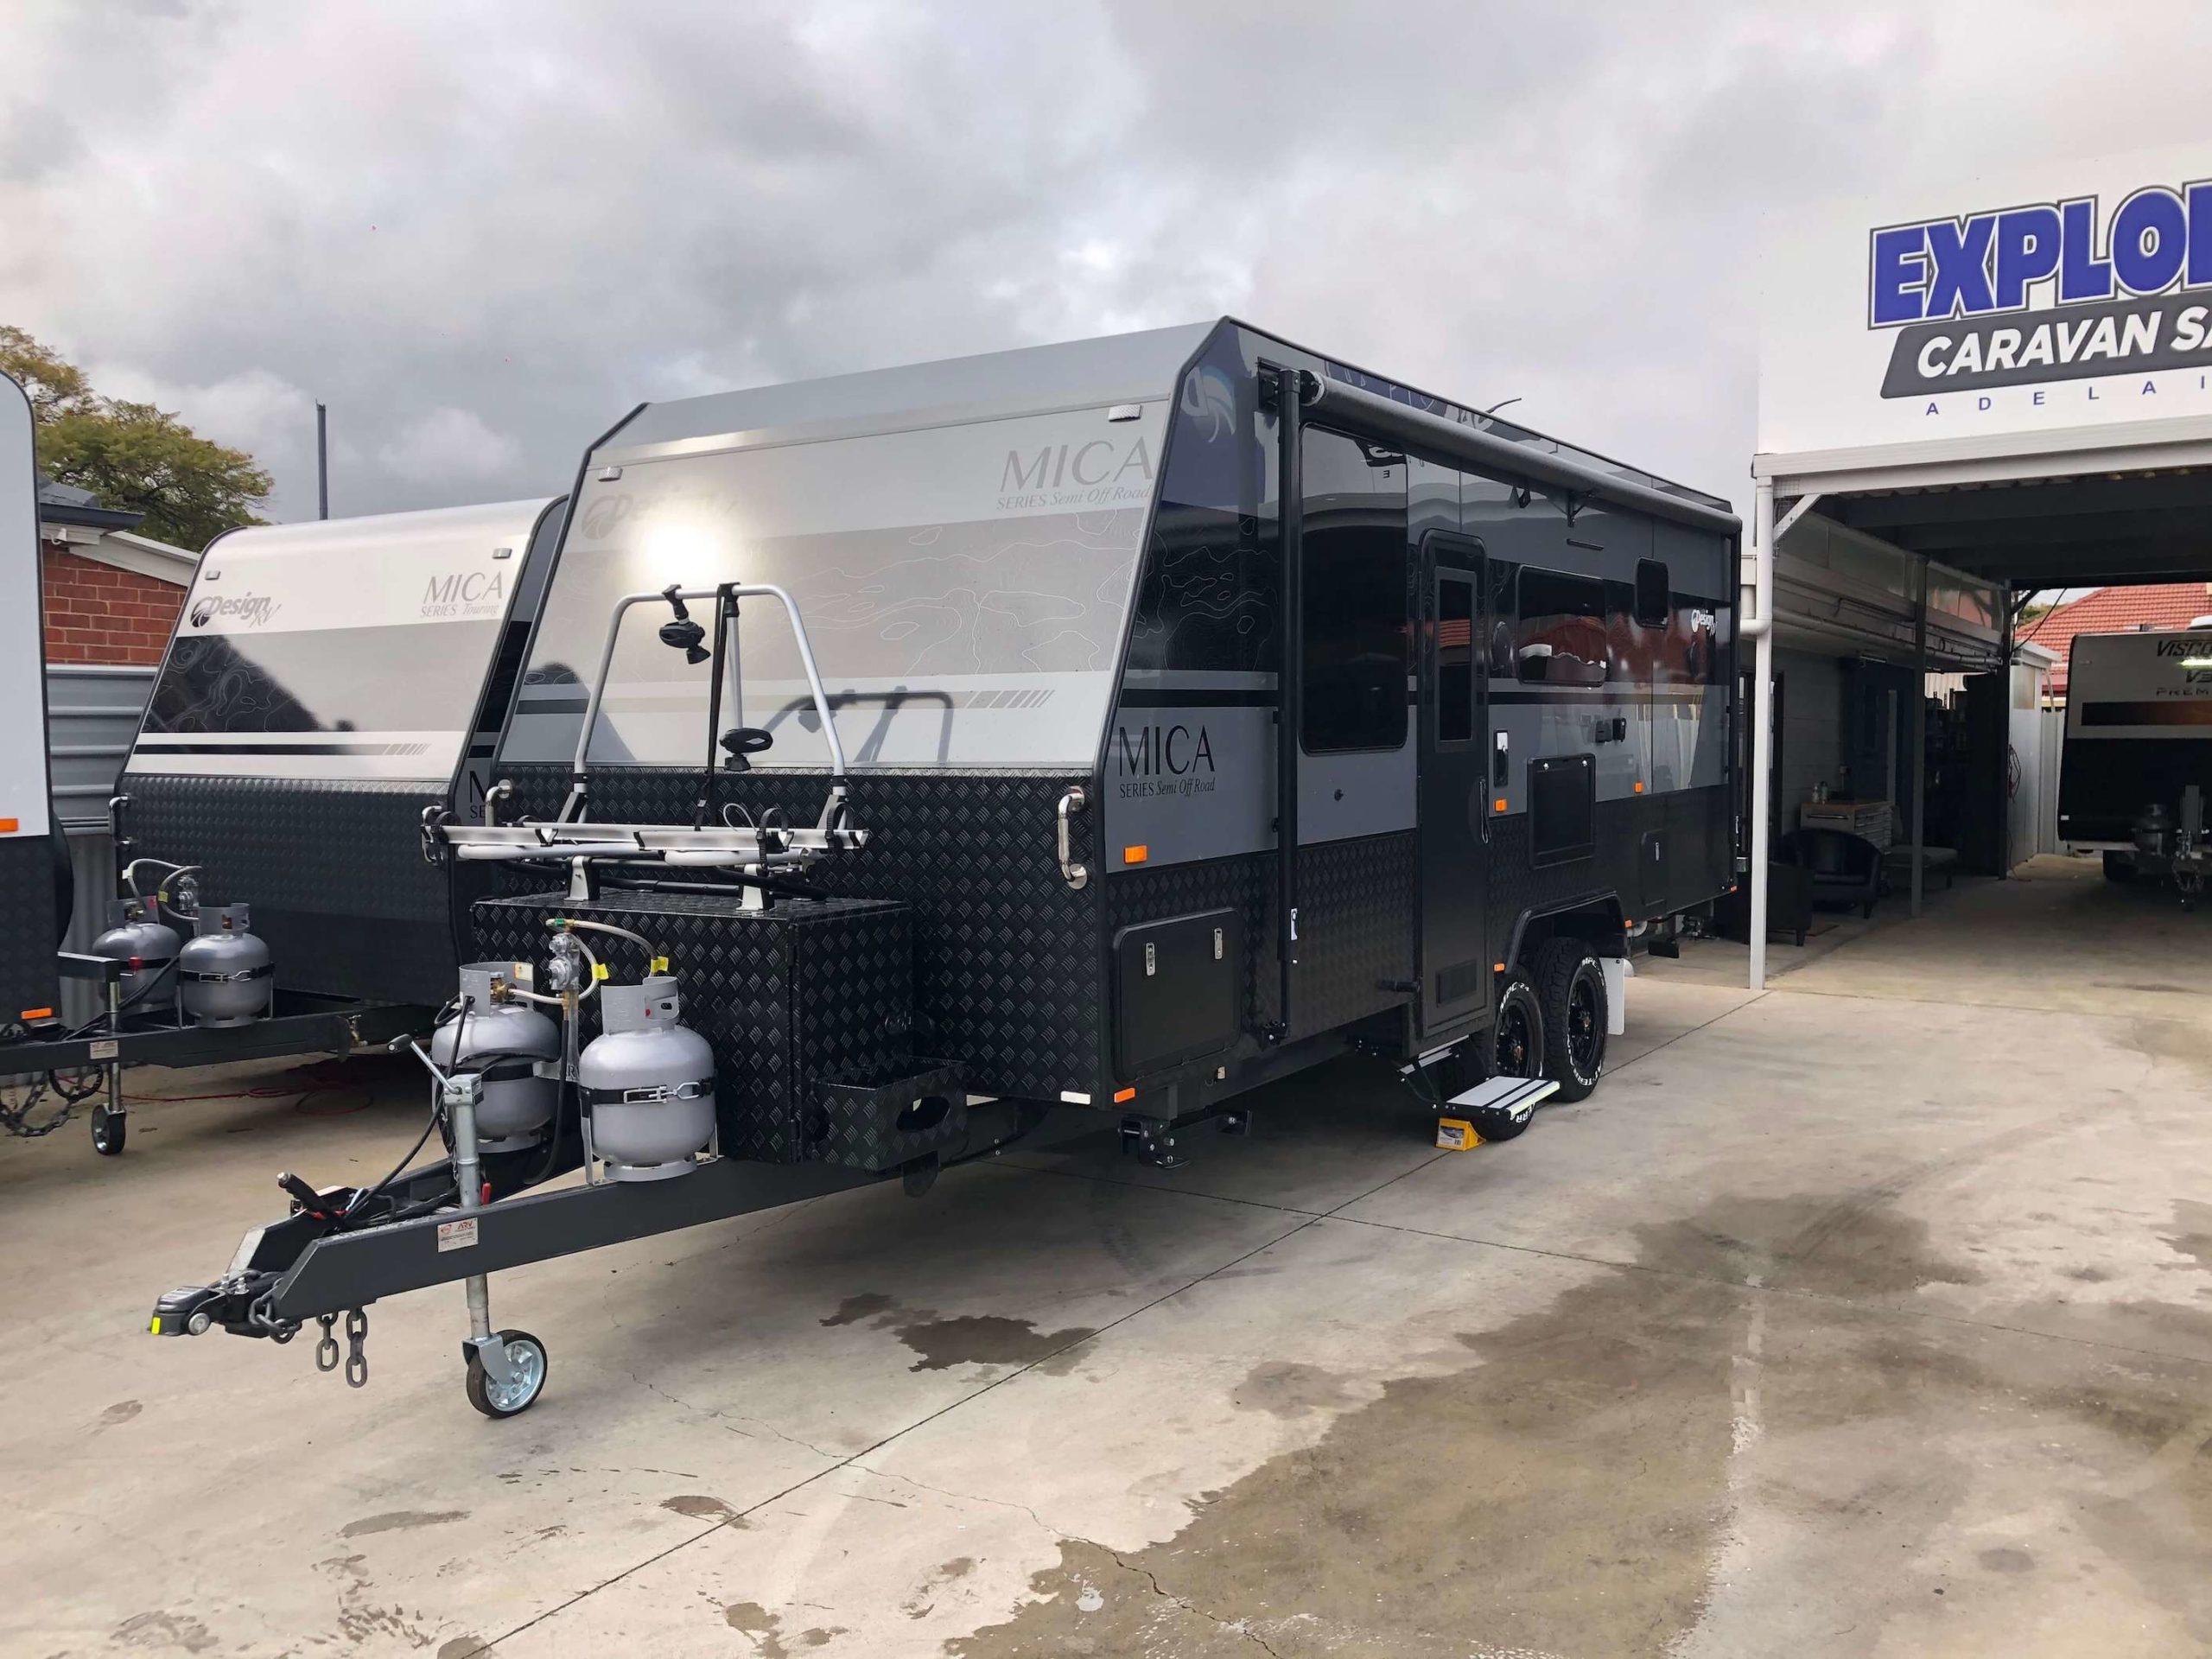 2021 Mica F2-2b semi off road caravan 27